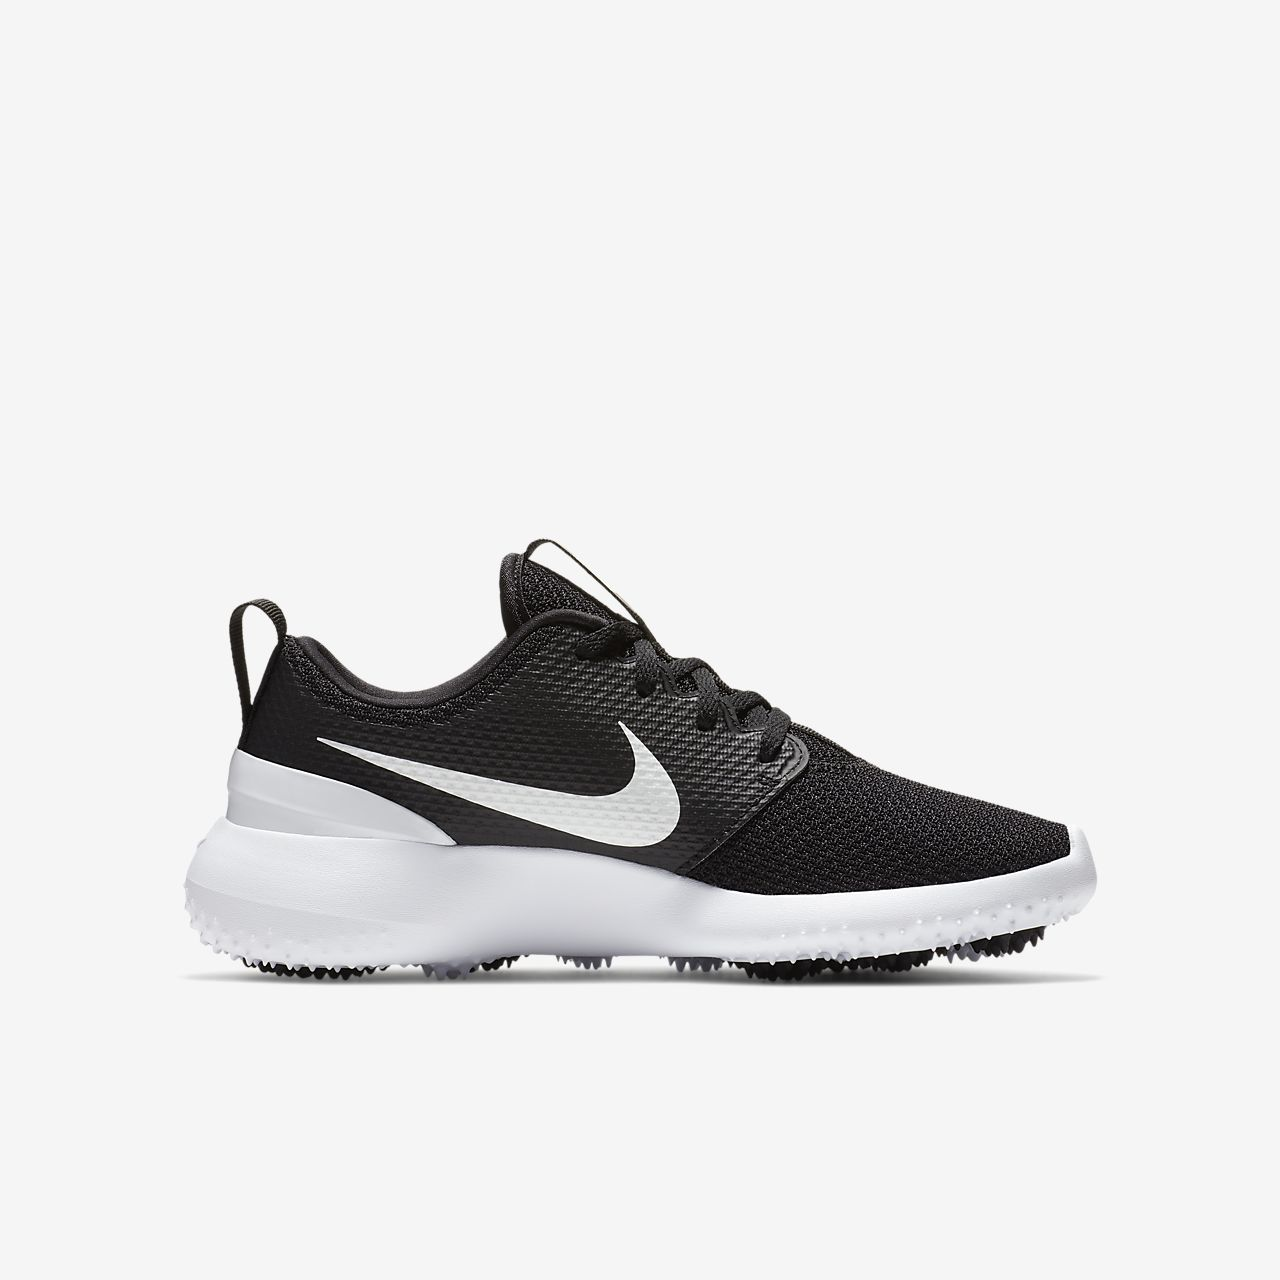 check out b0746 f9d17 ... Nike Roshe Jr. Younger Older Kids  Golf Shoe